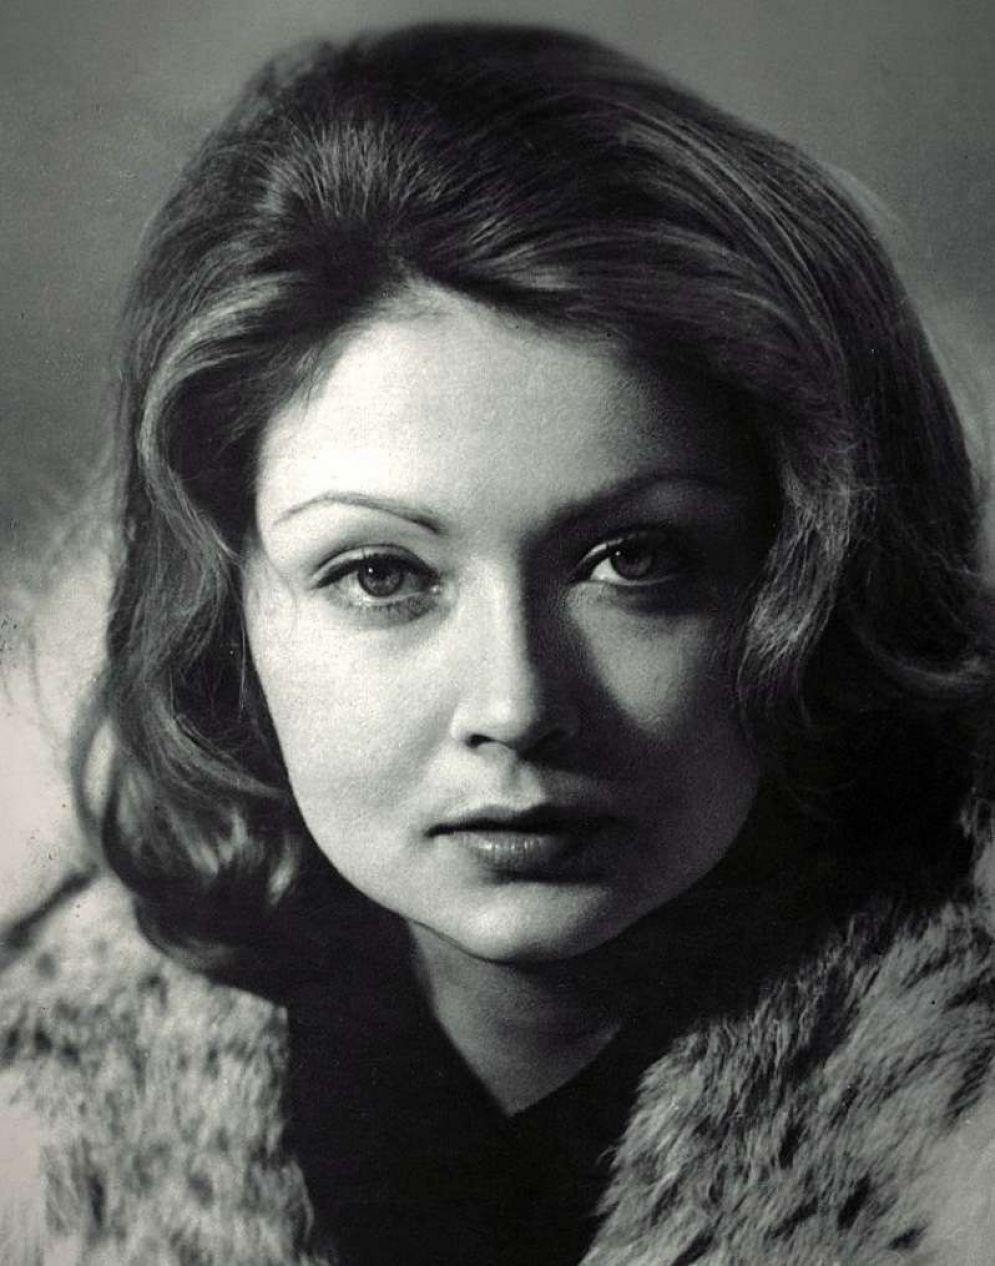 посещения азс лучшие актрисы ссср и россии фото подарок